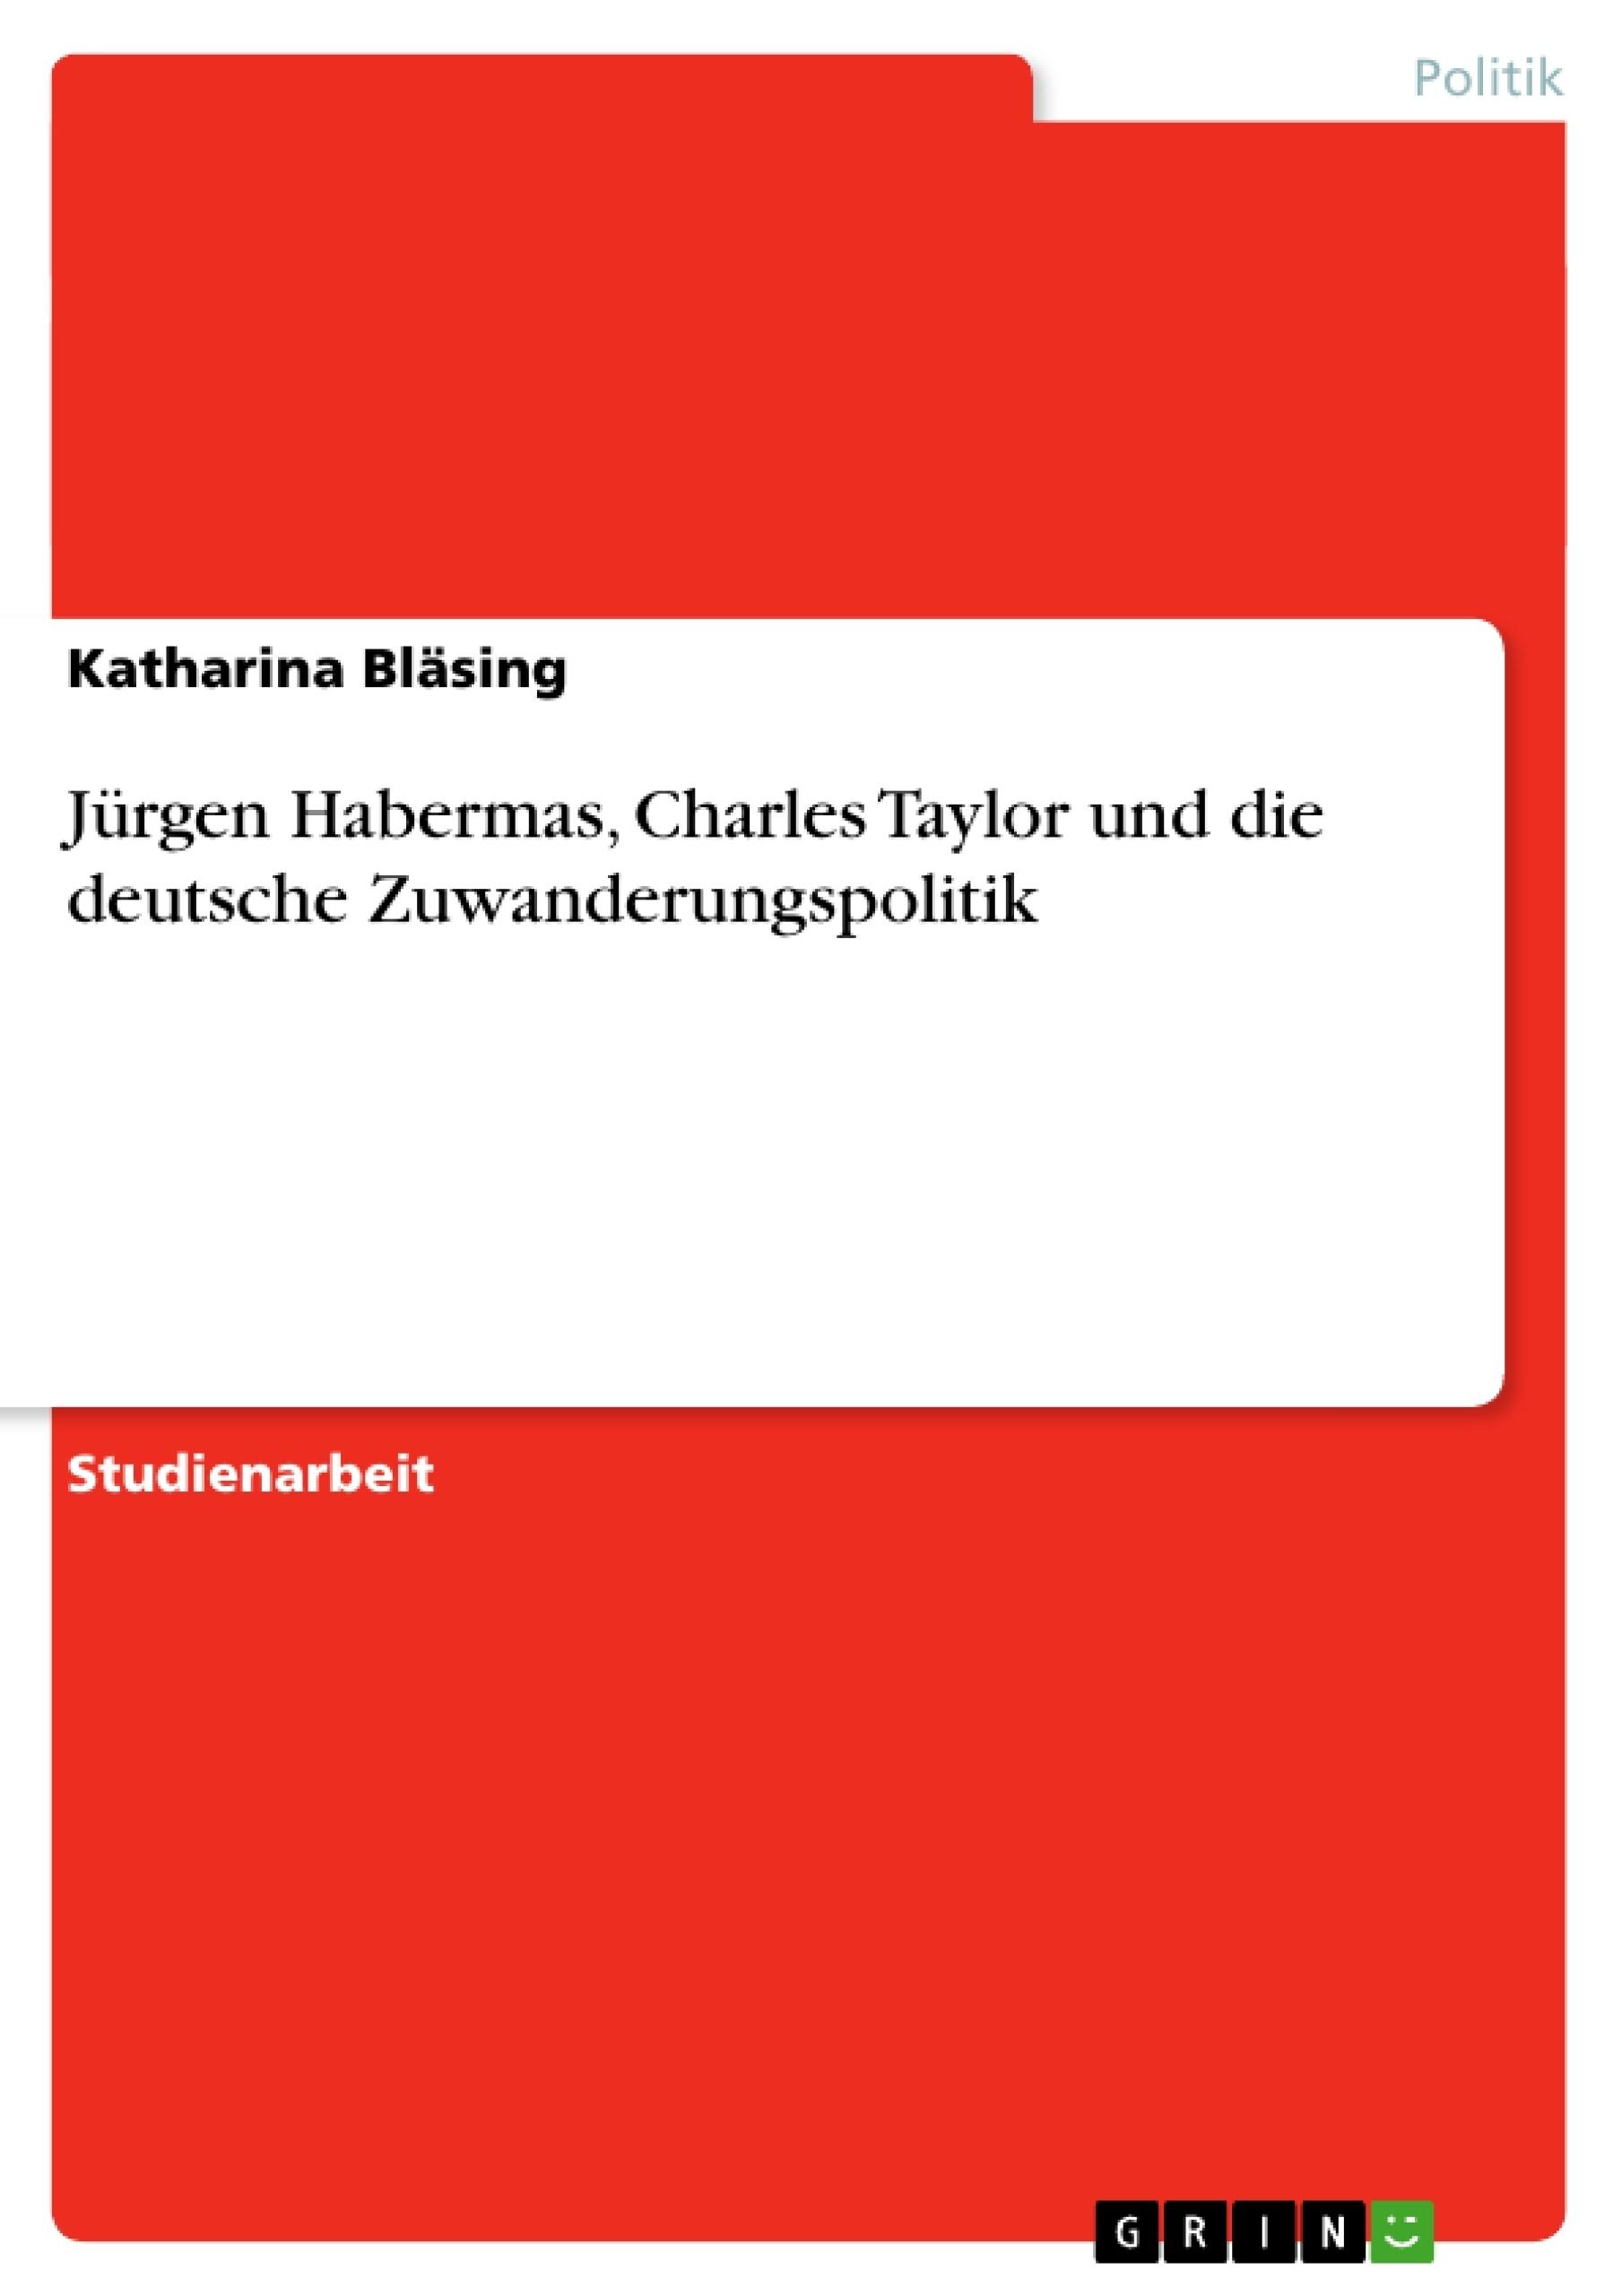 Titel: Jürgen Habermas, Charles Taylor und die deutsche Zuwanderungspolitik